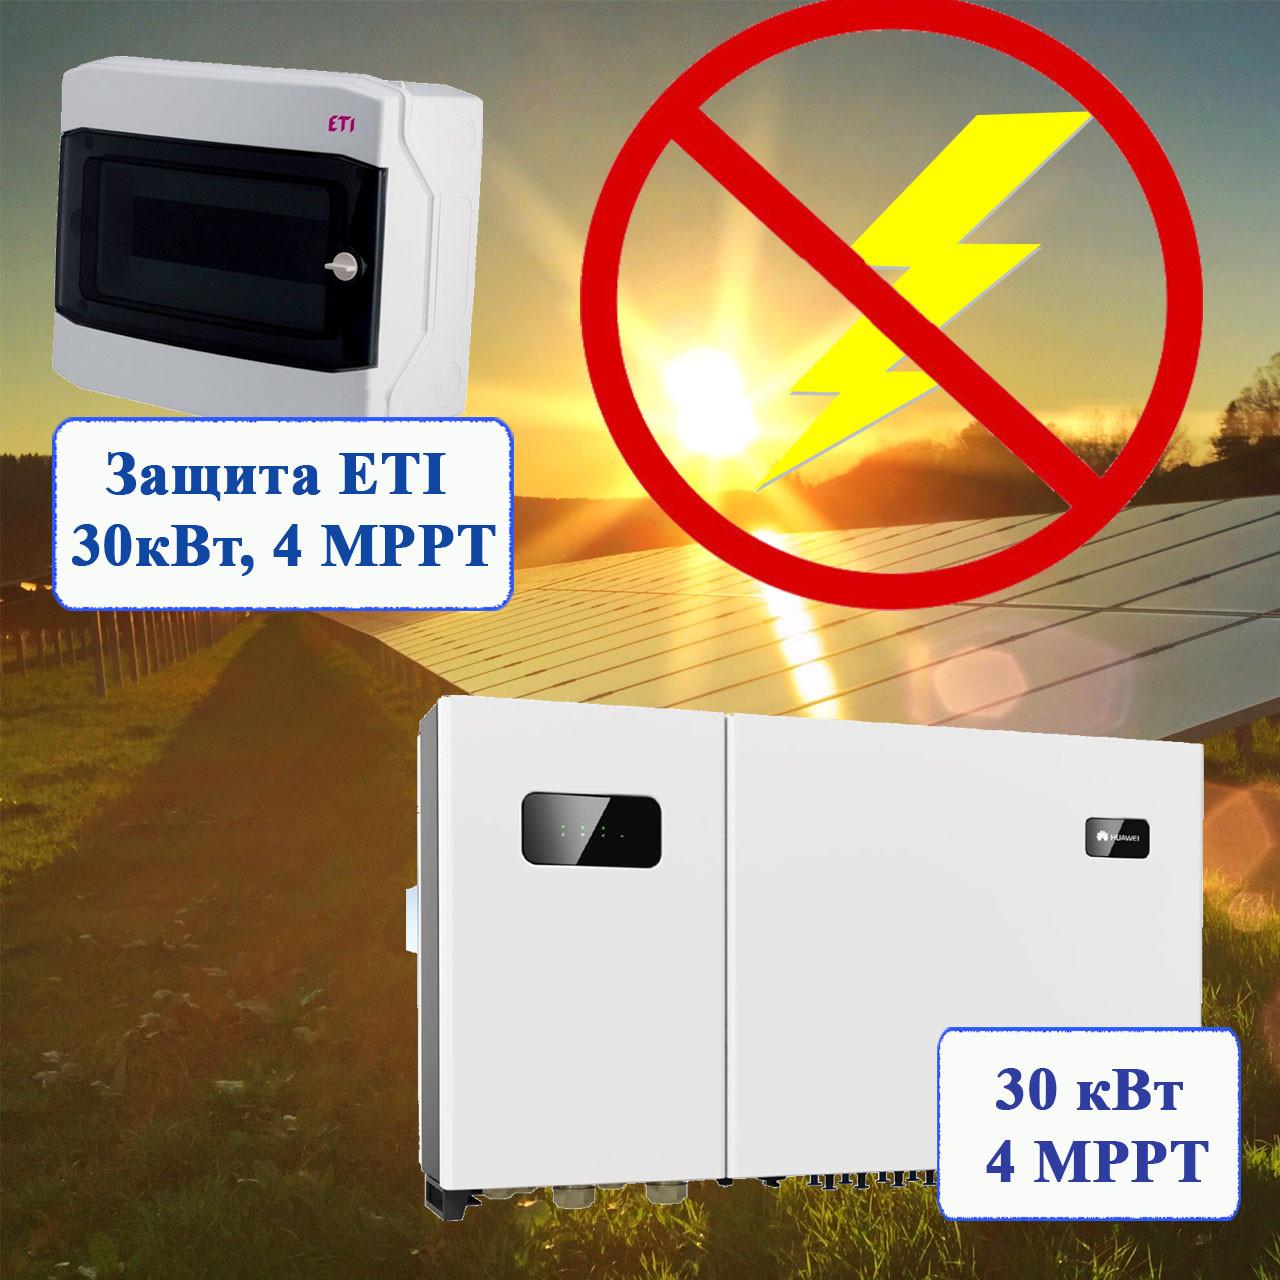 DC защита солнечных батарей на 4 МРРТ,  для сетевого инвертора на 30 кВт